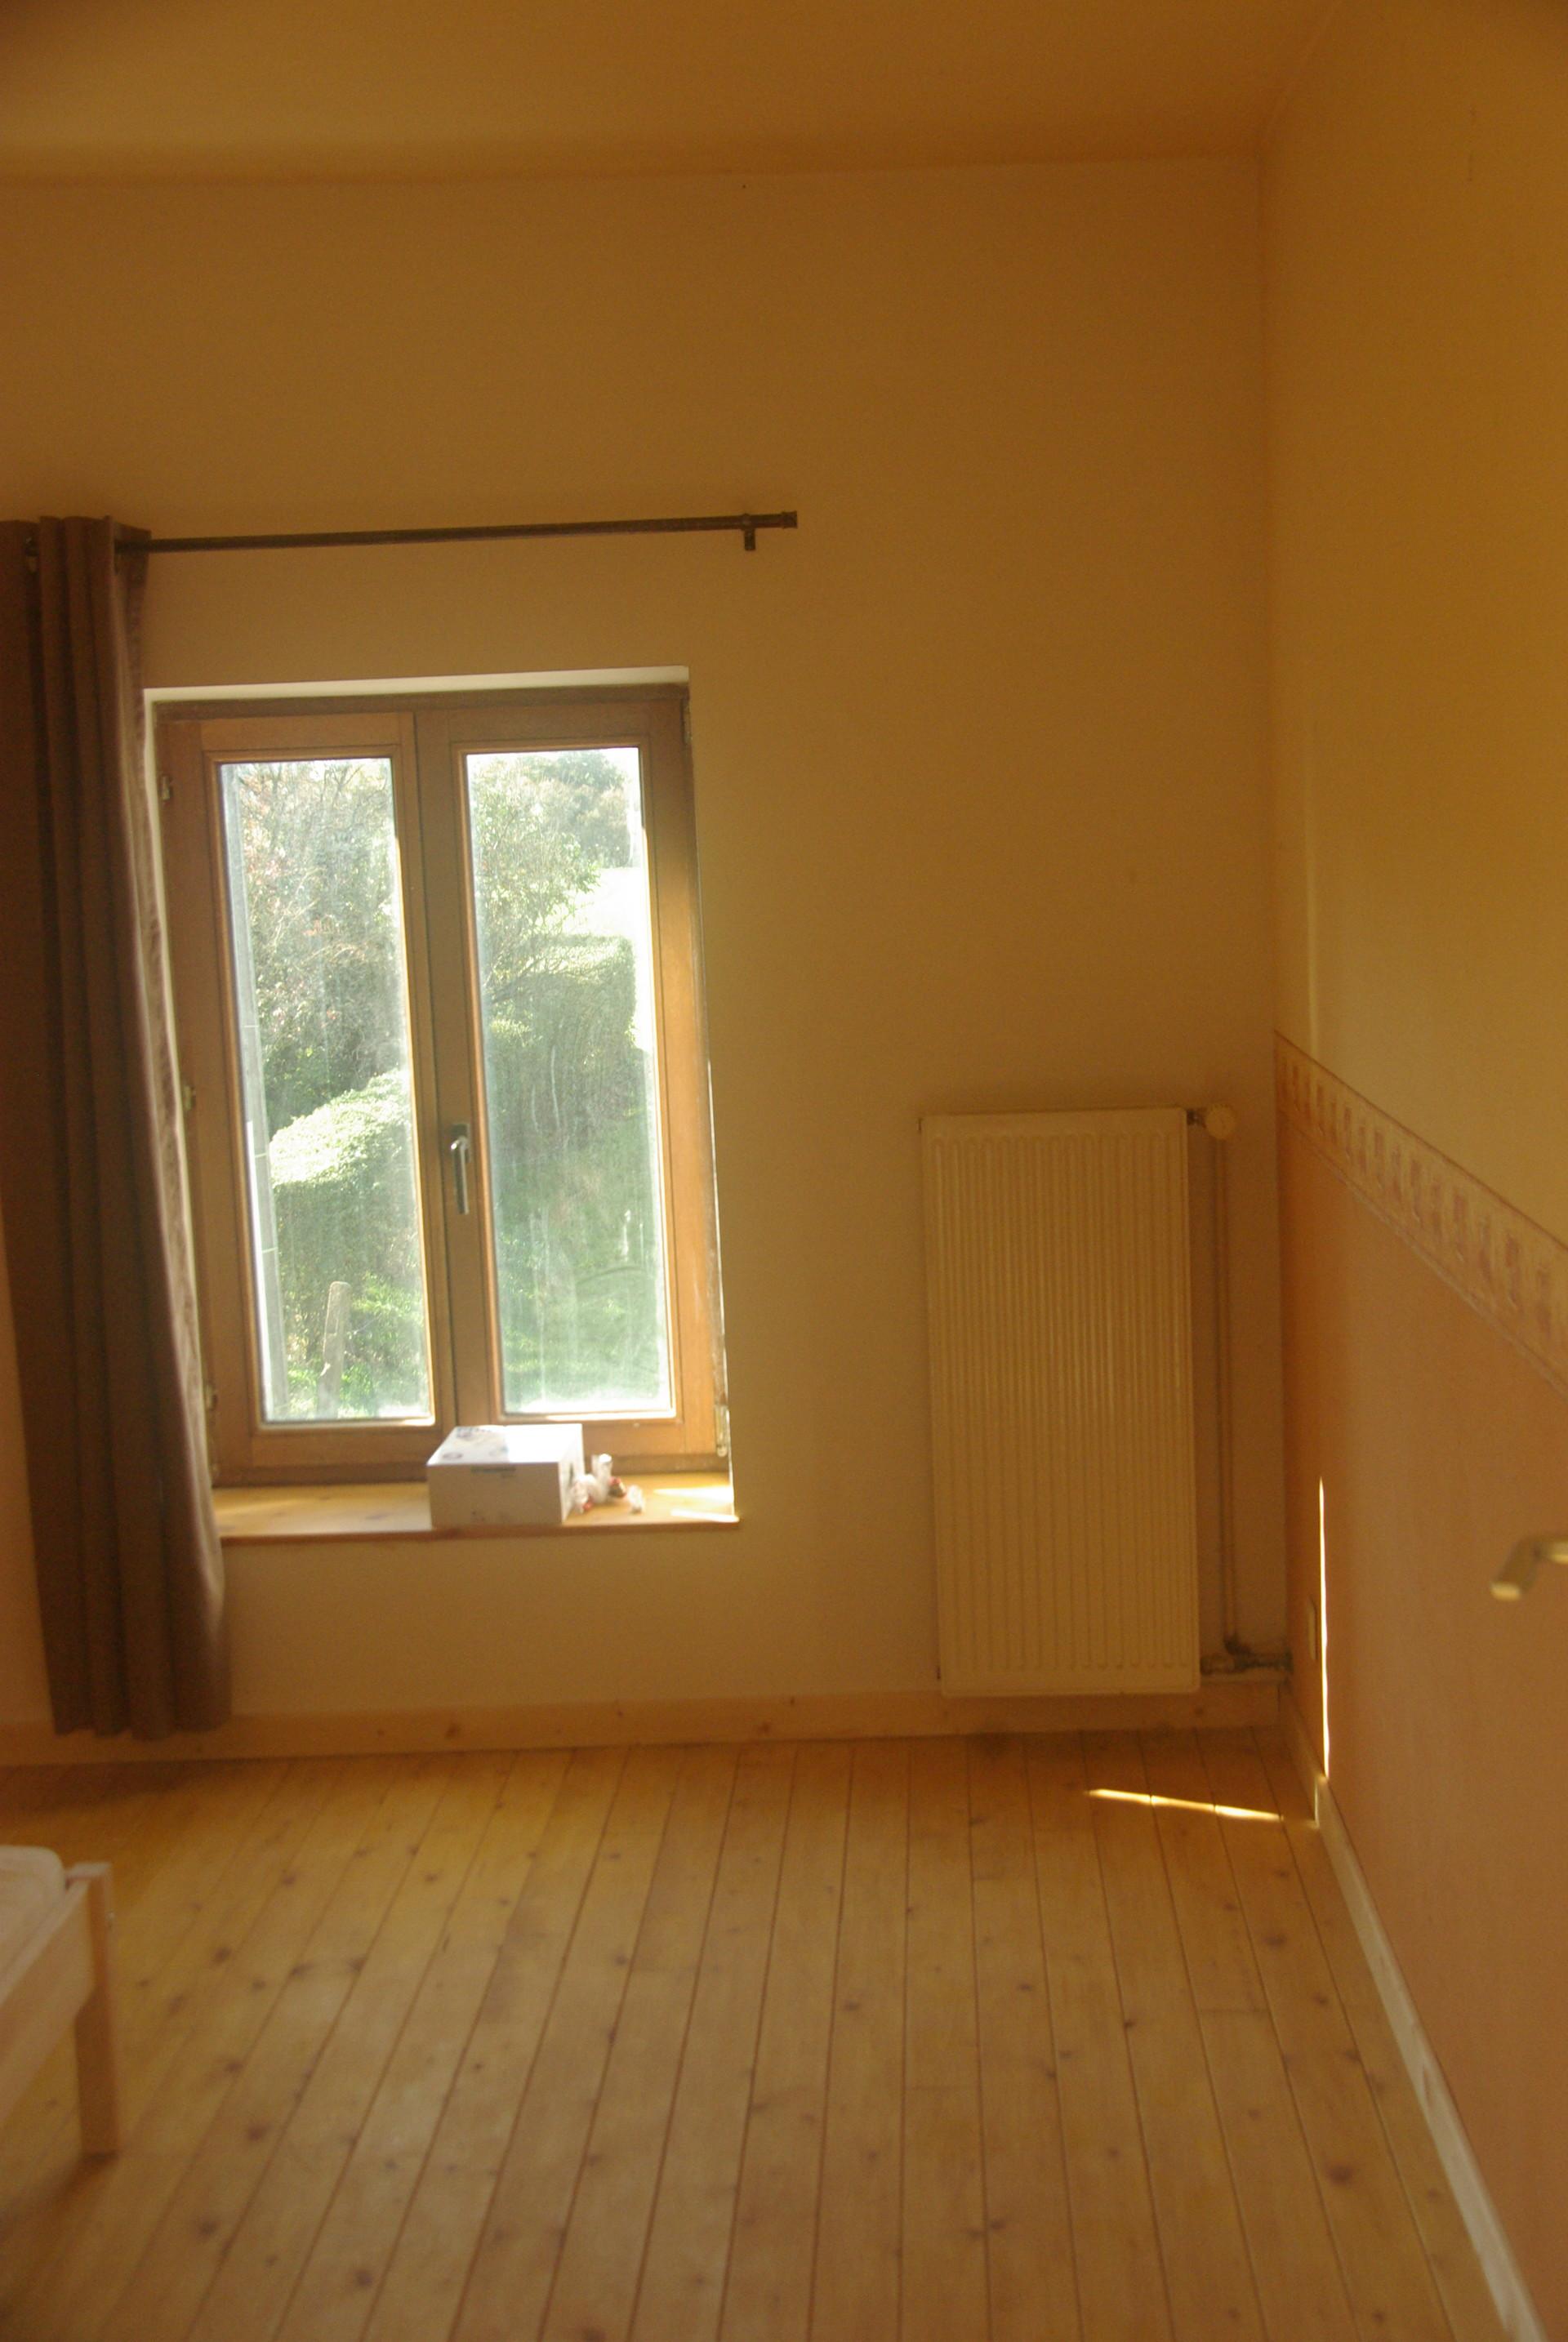 Chambre Double Pour Fille - Décoration de maison idées de design d ...